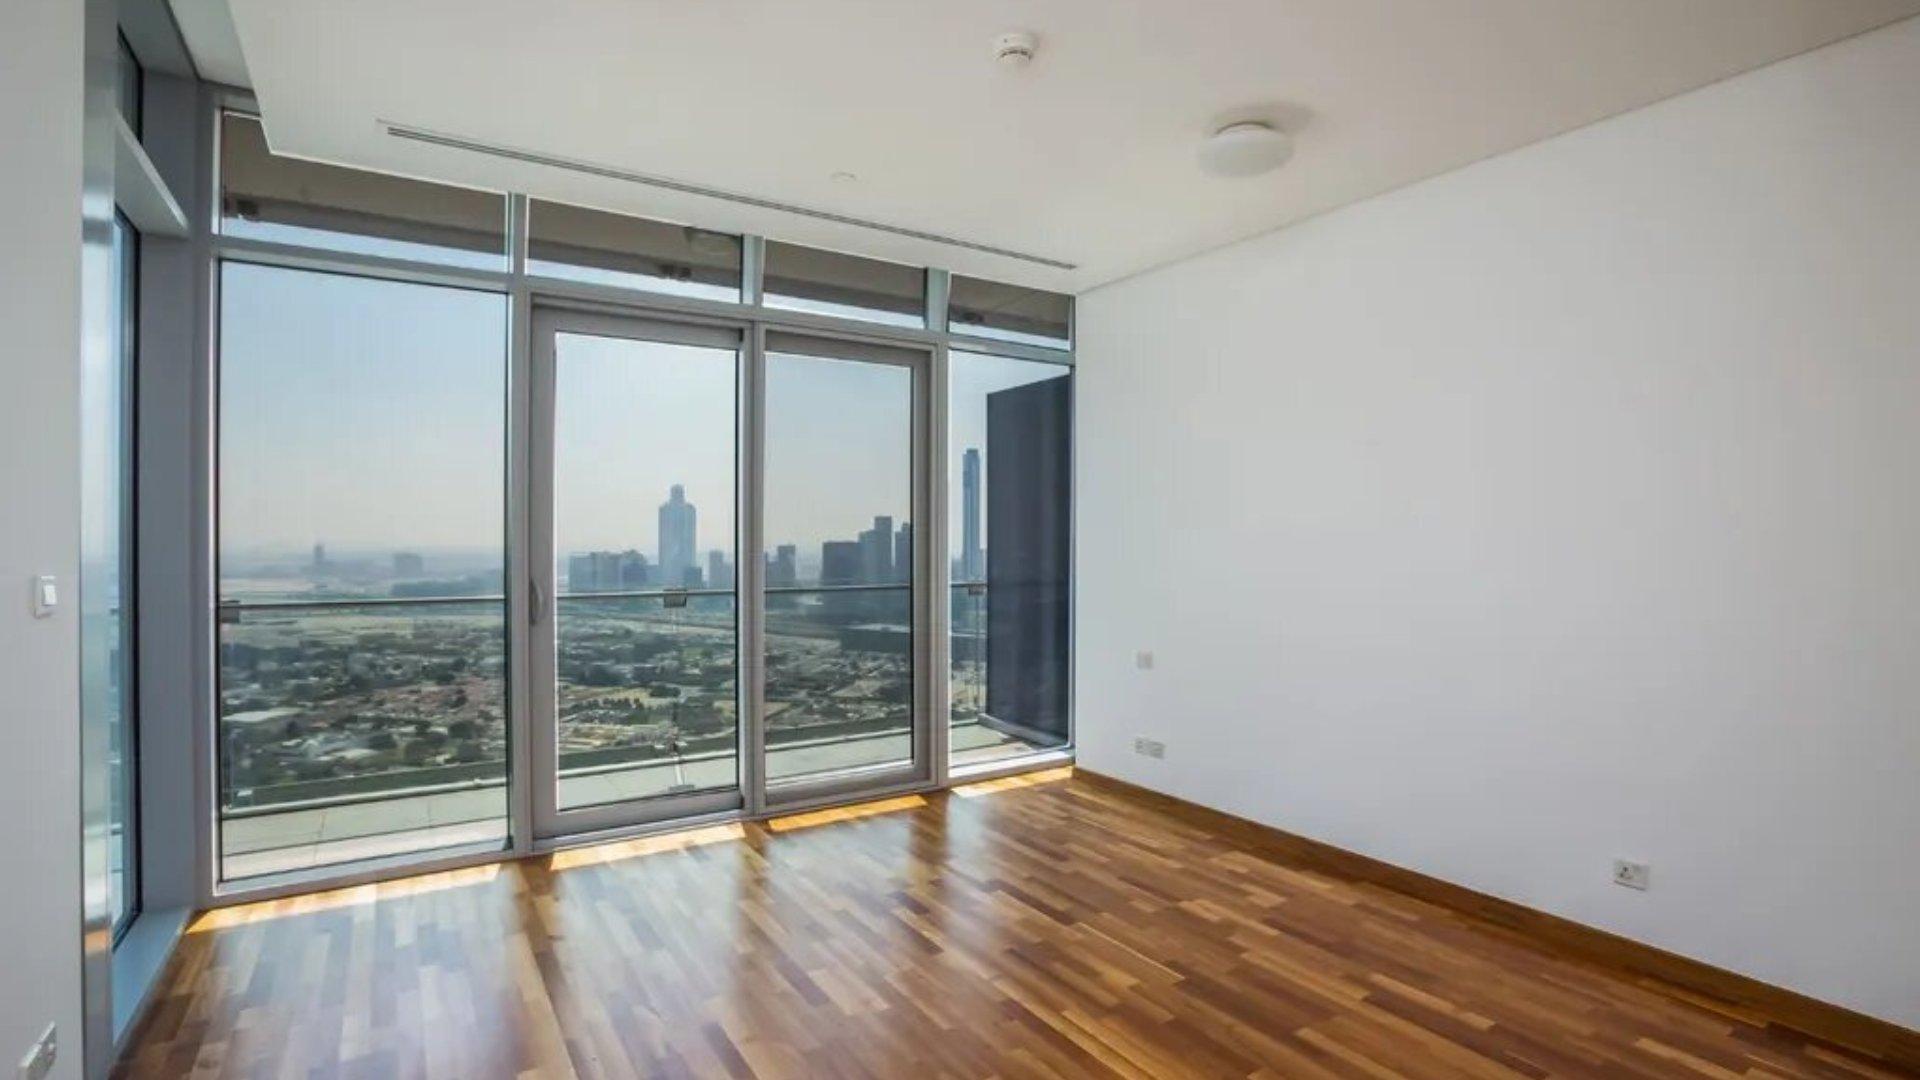 Apartamento en venta en Dubai, EAU, 1 dormitorio, 92 m2, № 24647 – foto 4